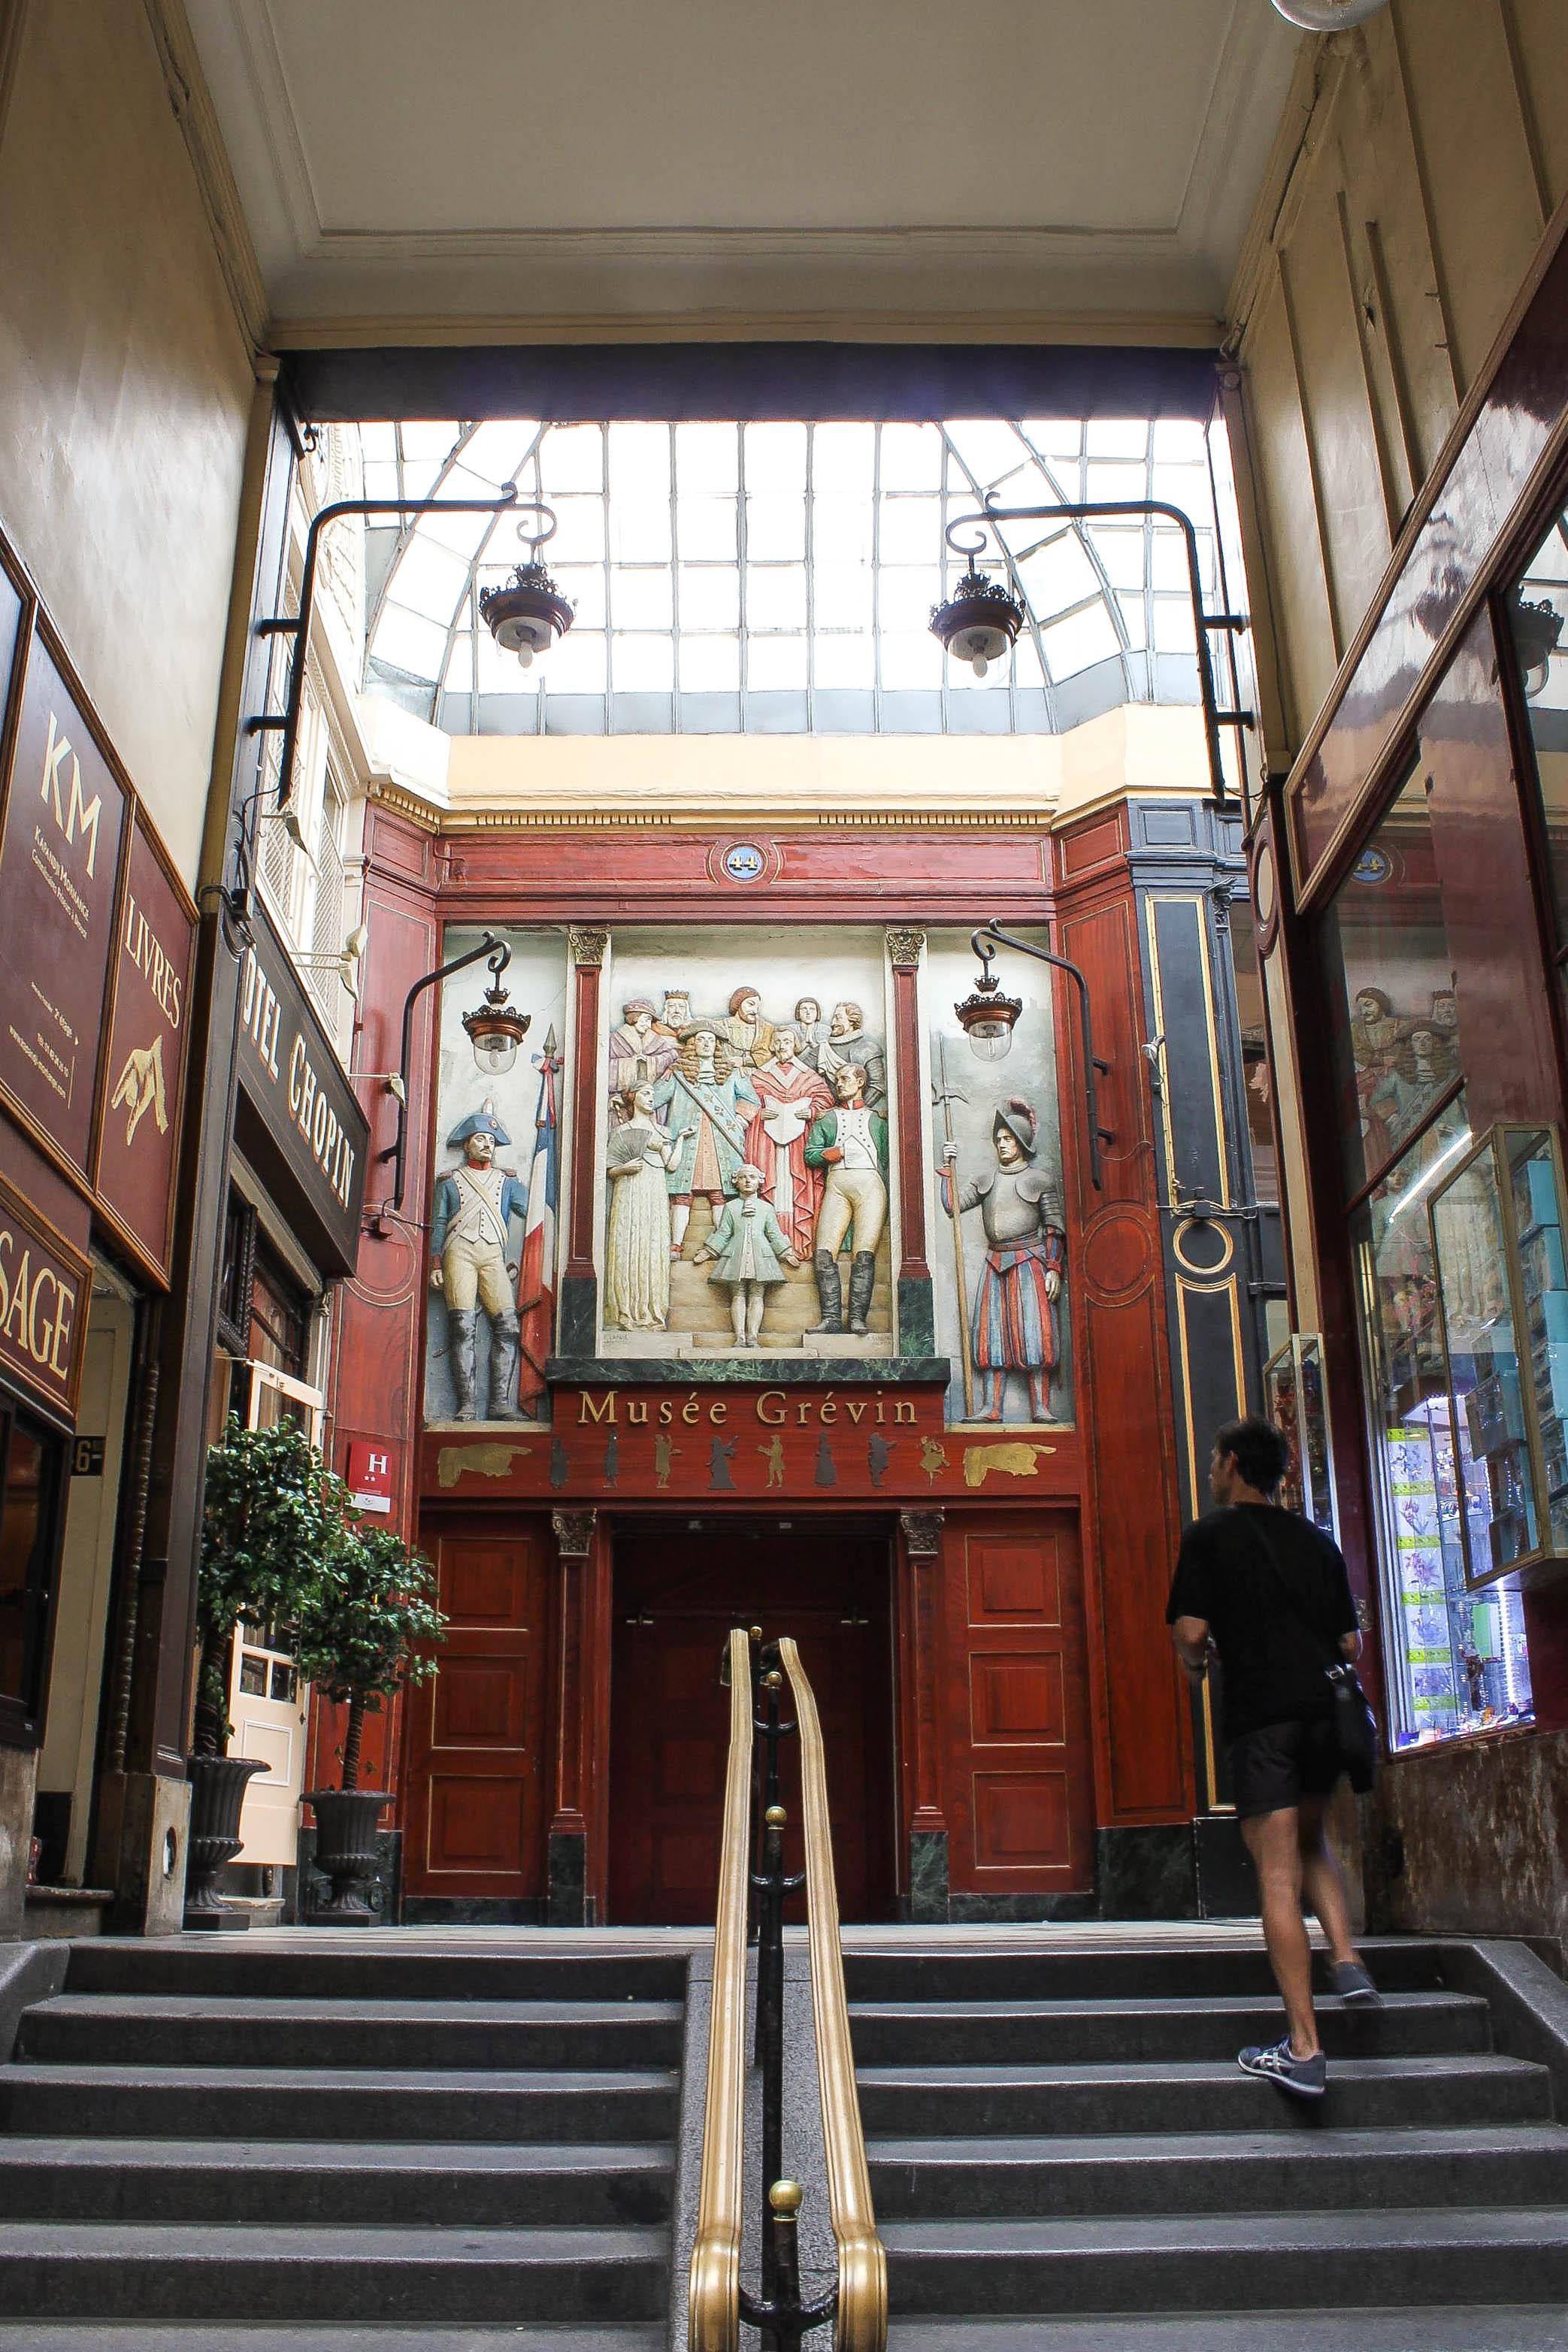 Musée Grévin wax museum